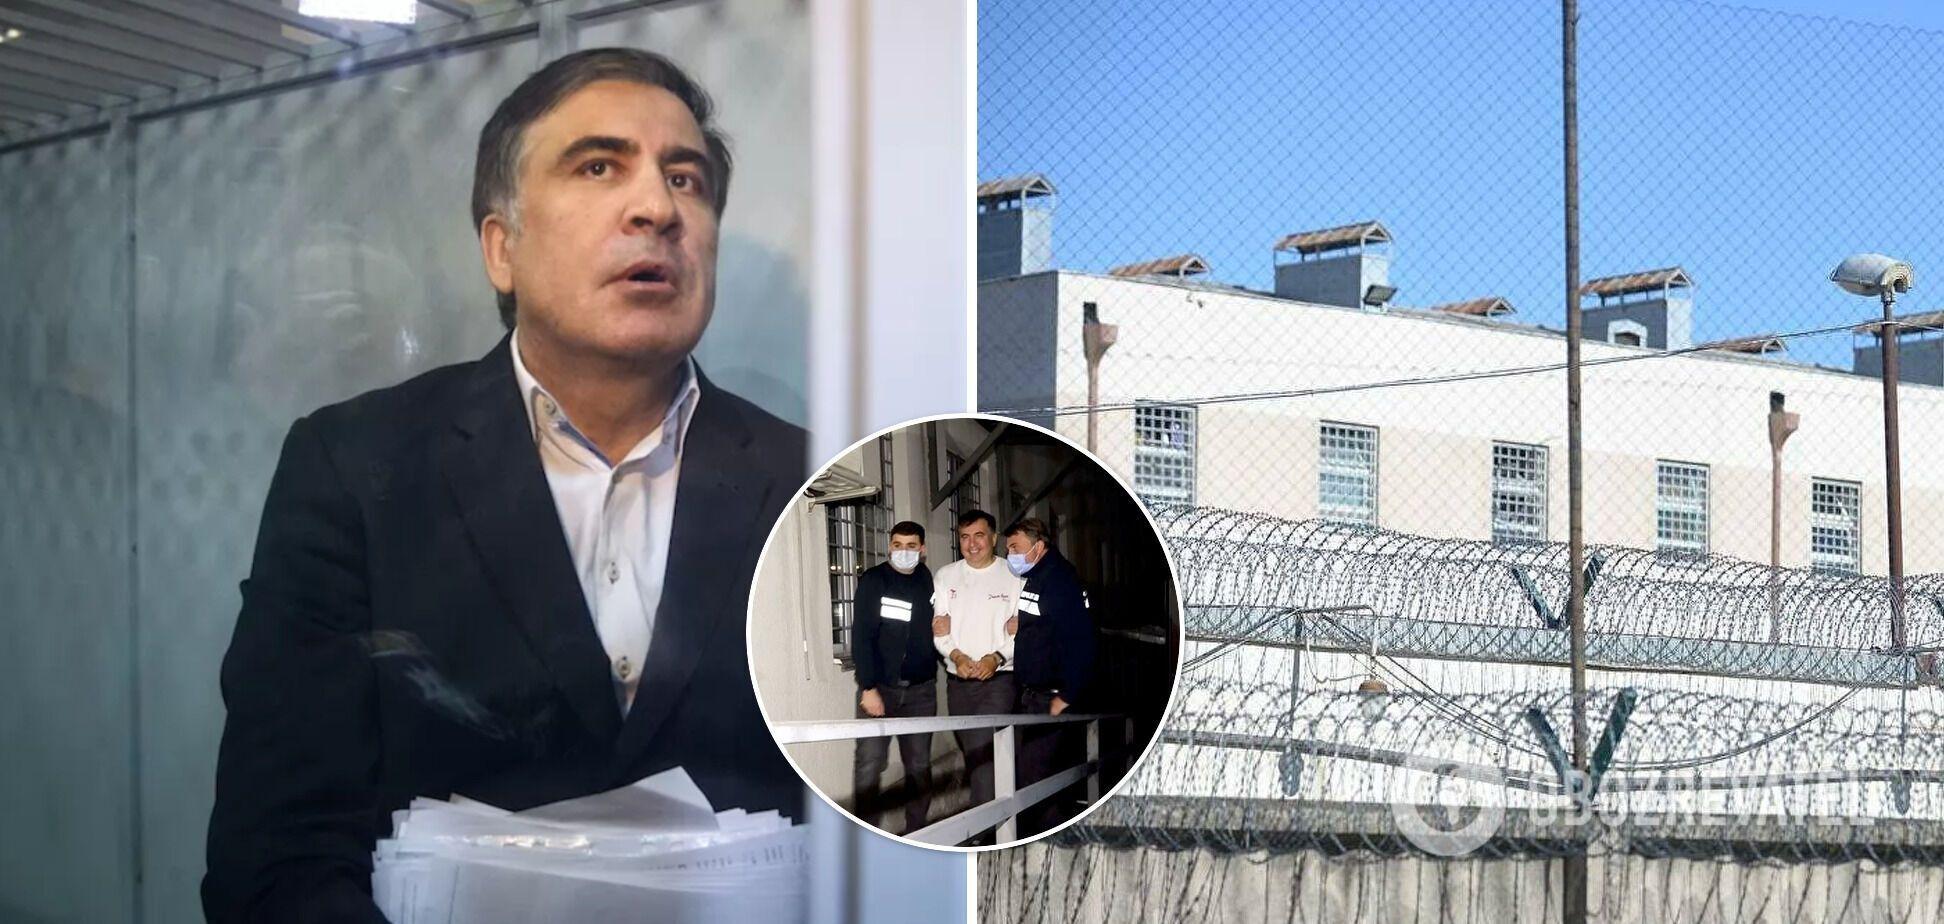 По словам Ясько, состояние Саакашвили с каждым днем становится все более критическим